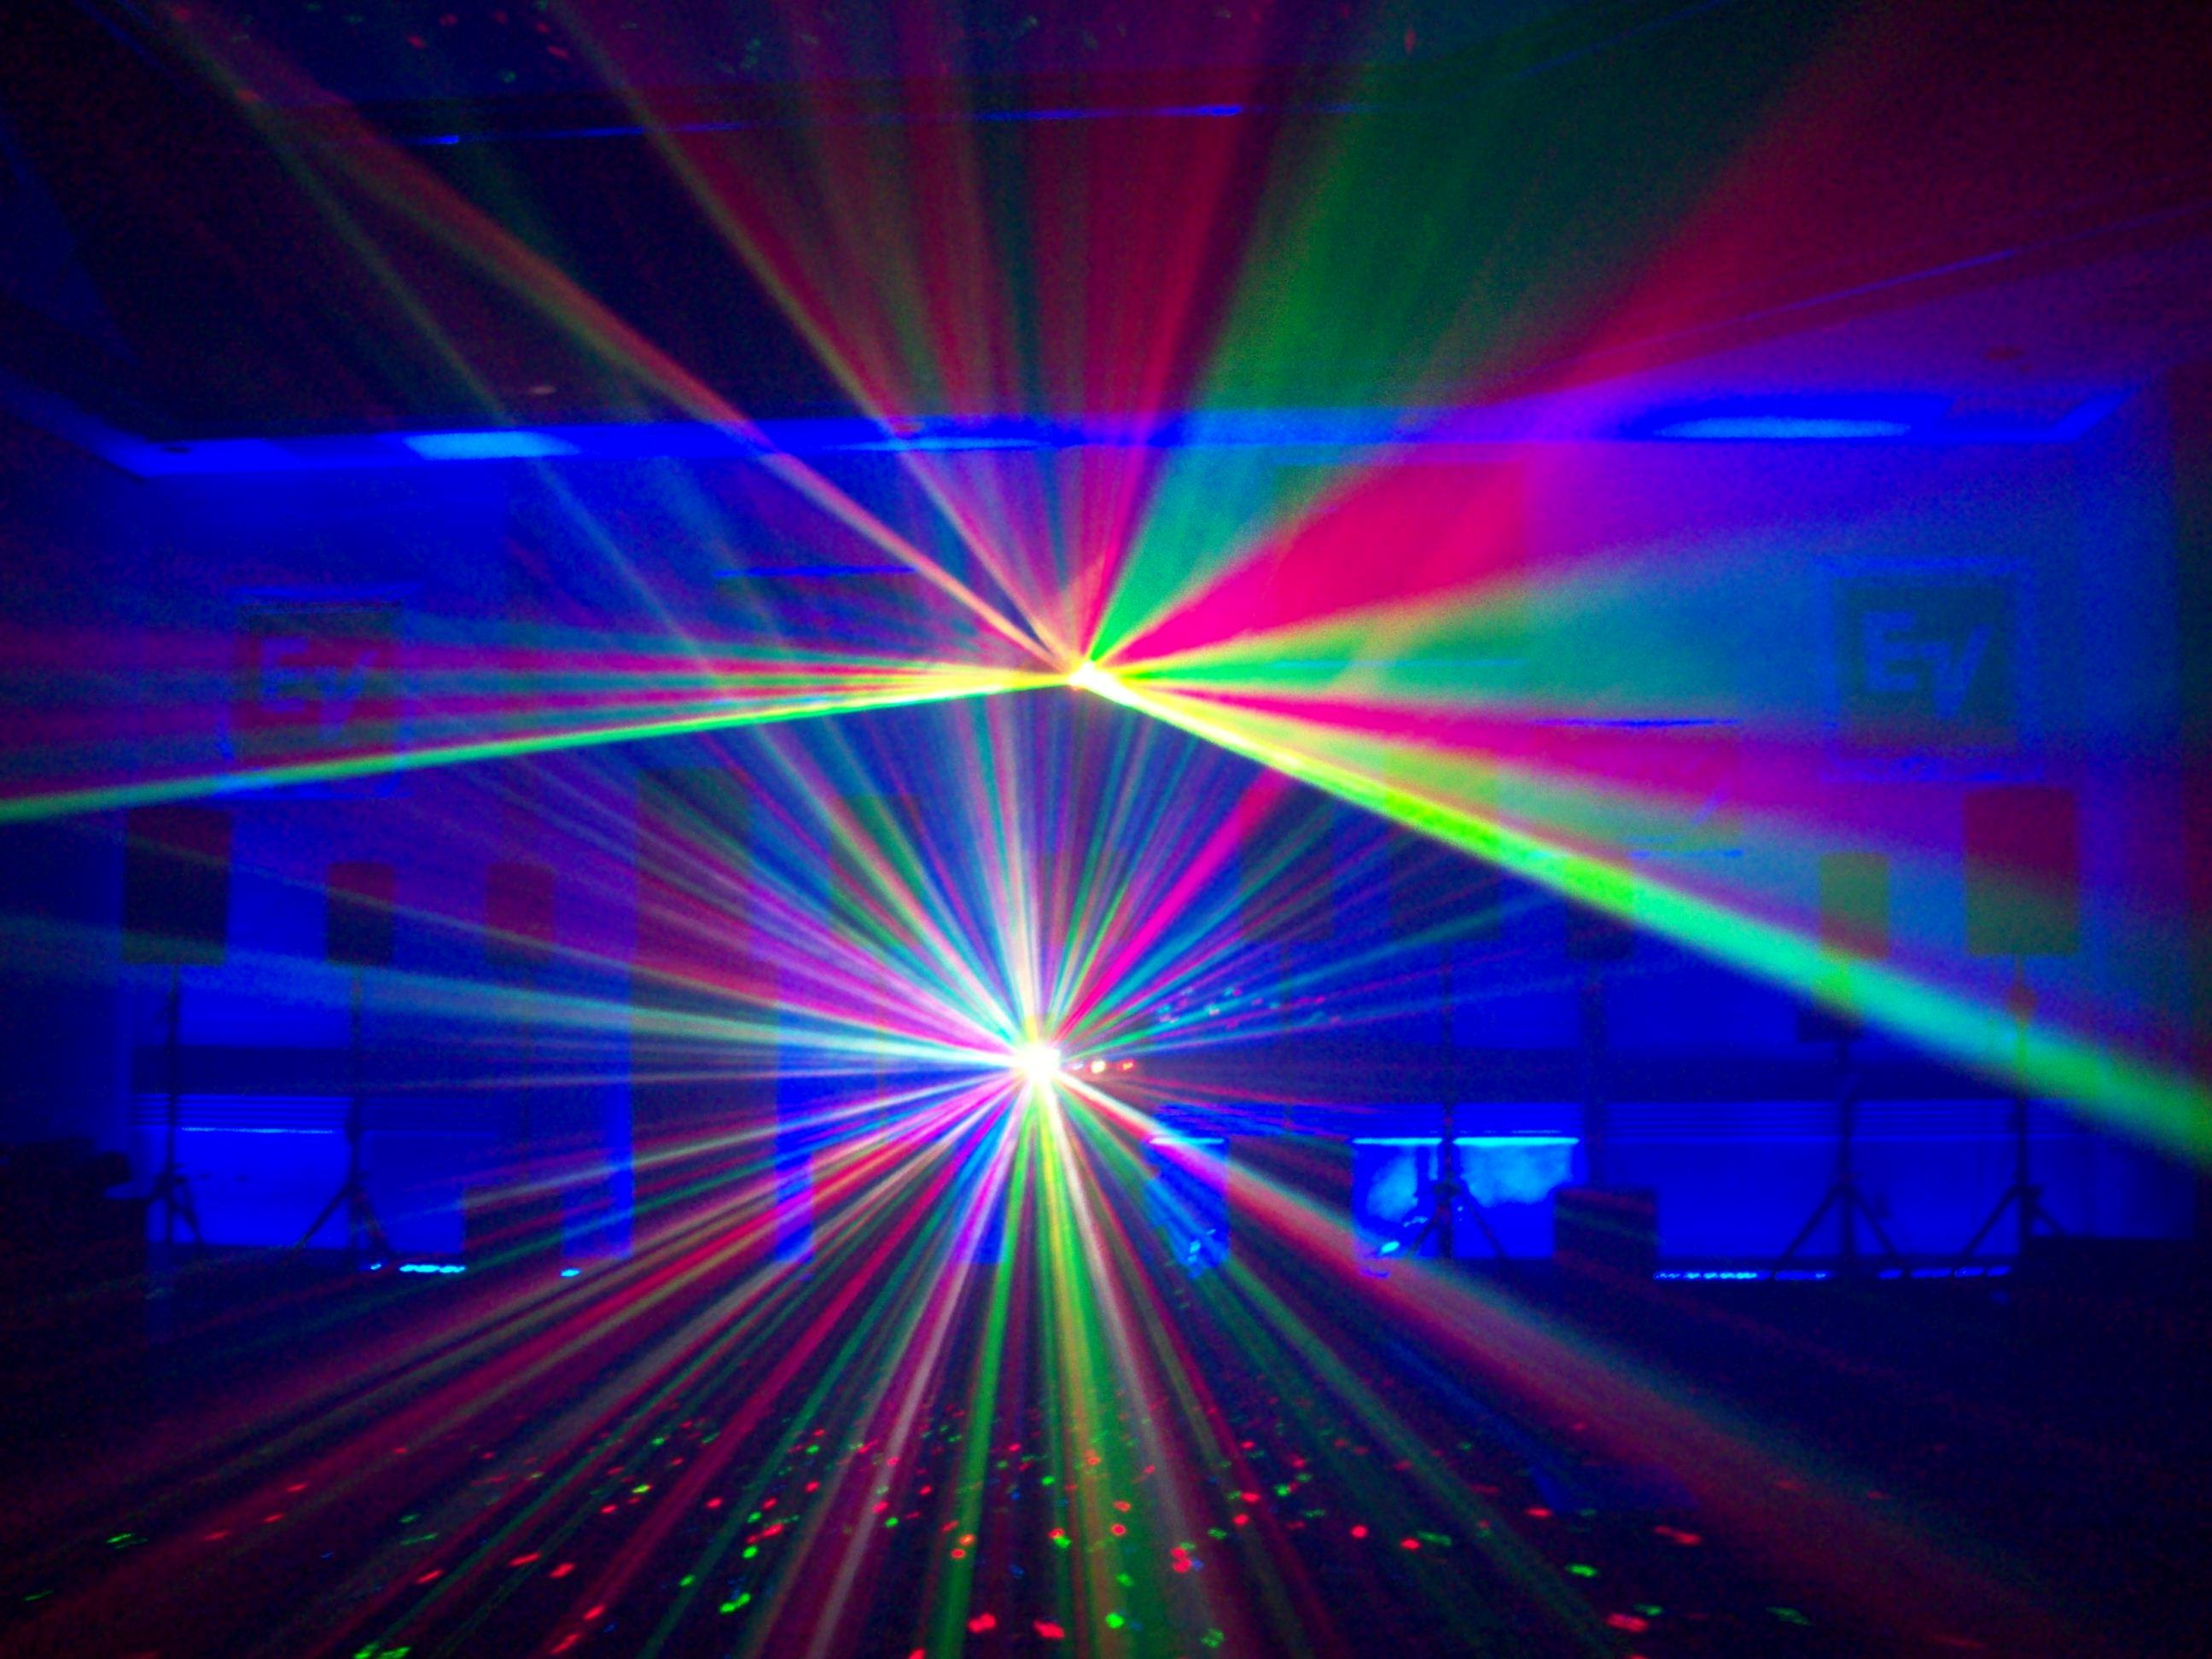 98 Led Dj Lights Wallpapers On Wallpapersafari